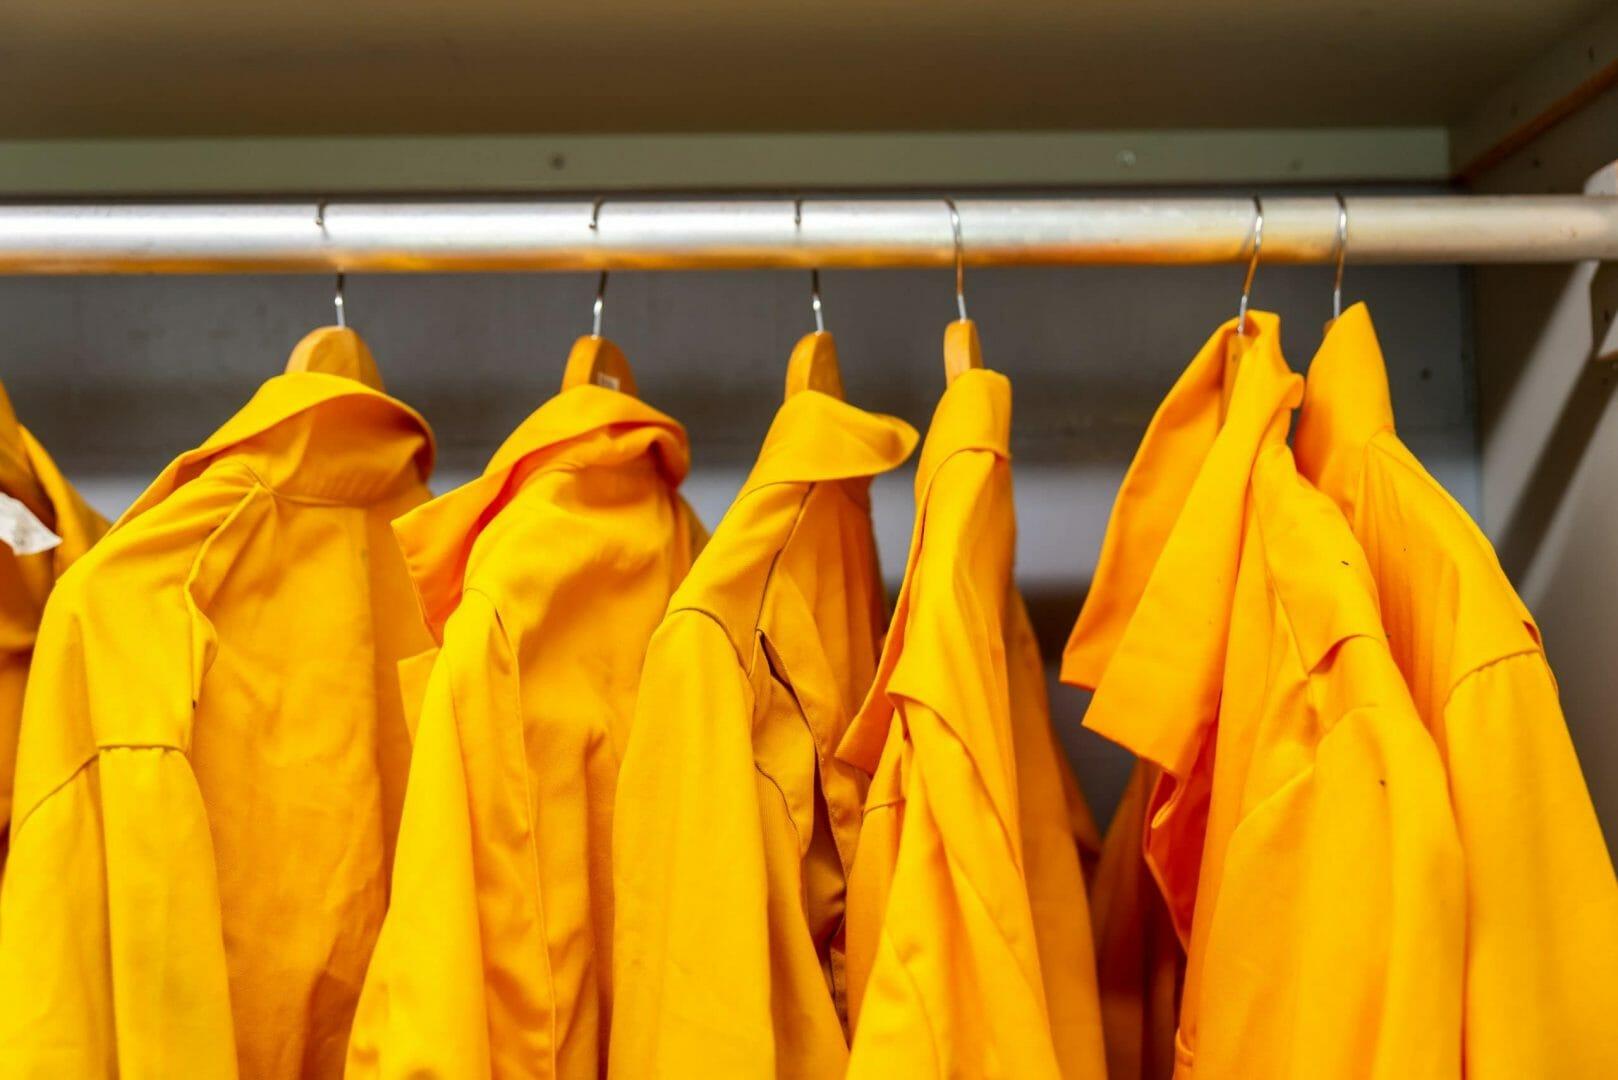 Évitez les contaminations croisées en utilisant un système de couleurs